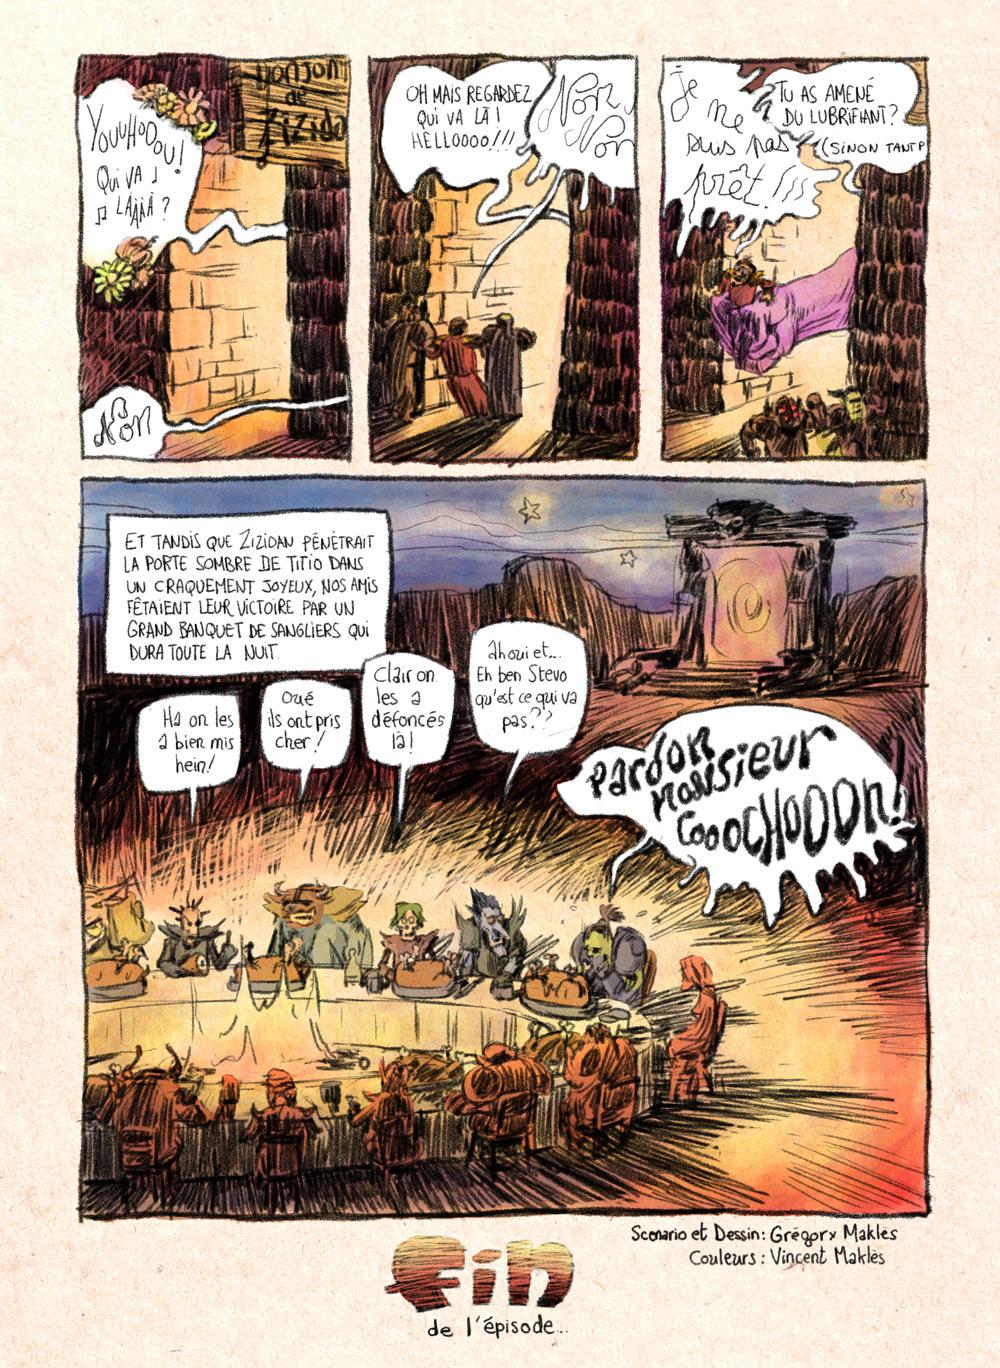 Aventures de Stevostin, tome 1 : La Porte Sombre. Planche 90.